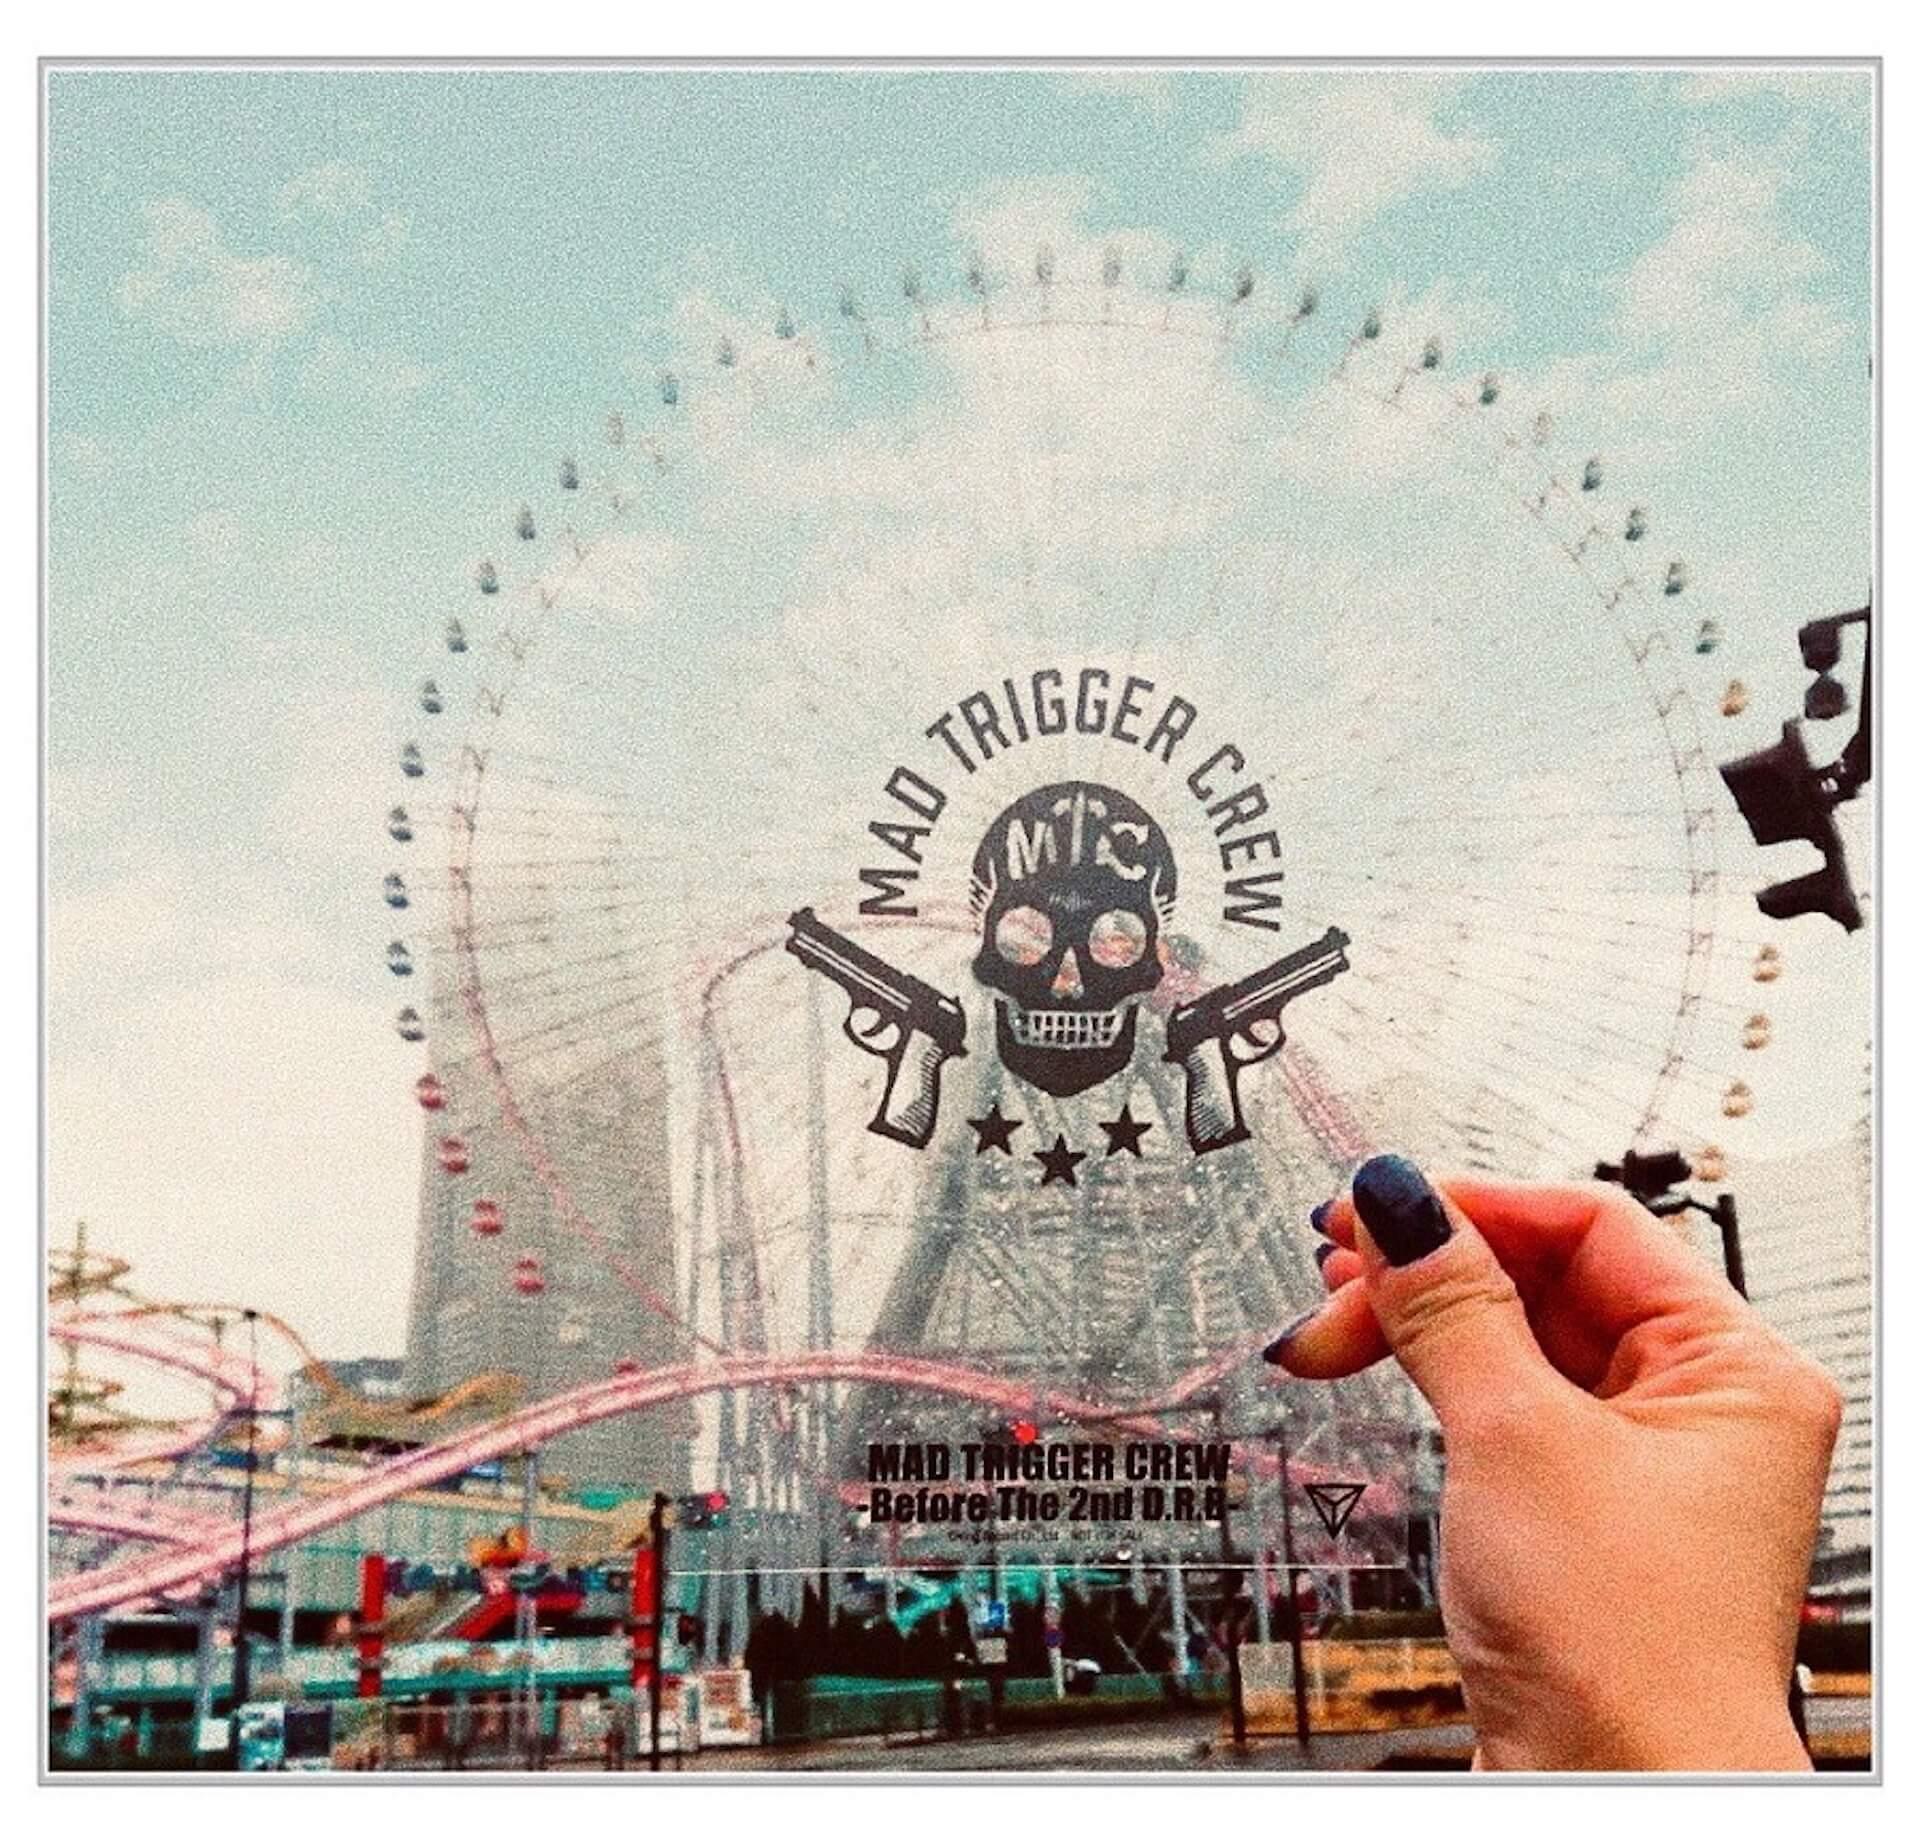 横浜中華街がヒプノシスマイク一色に!ヨコハマ・ディビジョンMAD TRIGGER CREWのCD発売記念イベントが開催決定 art200128_hypnosismic_4